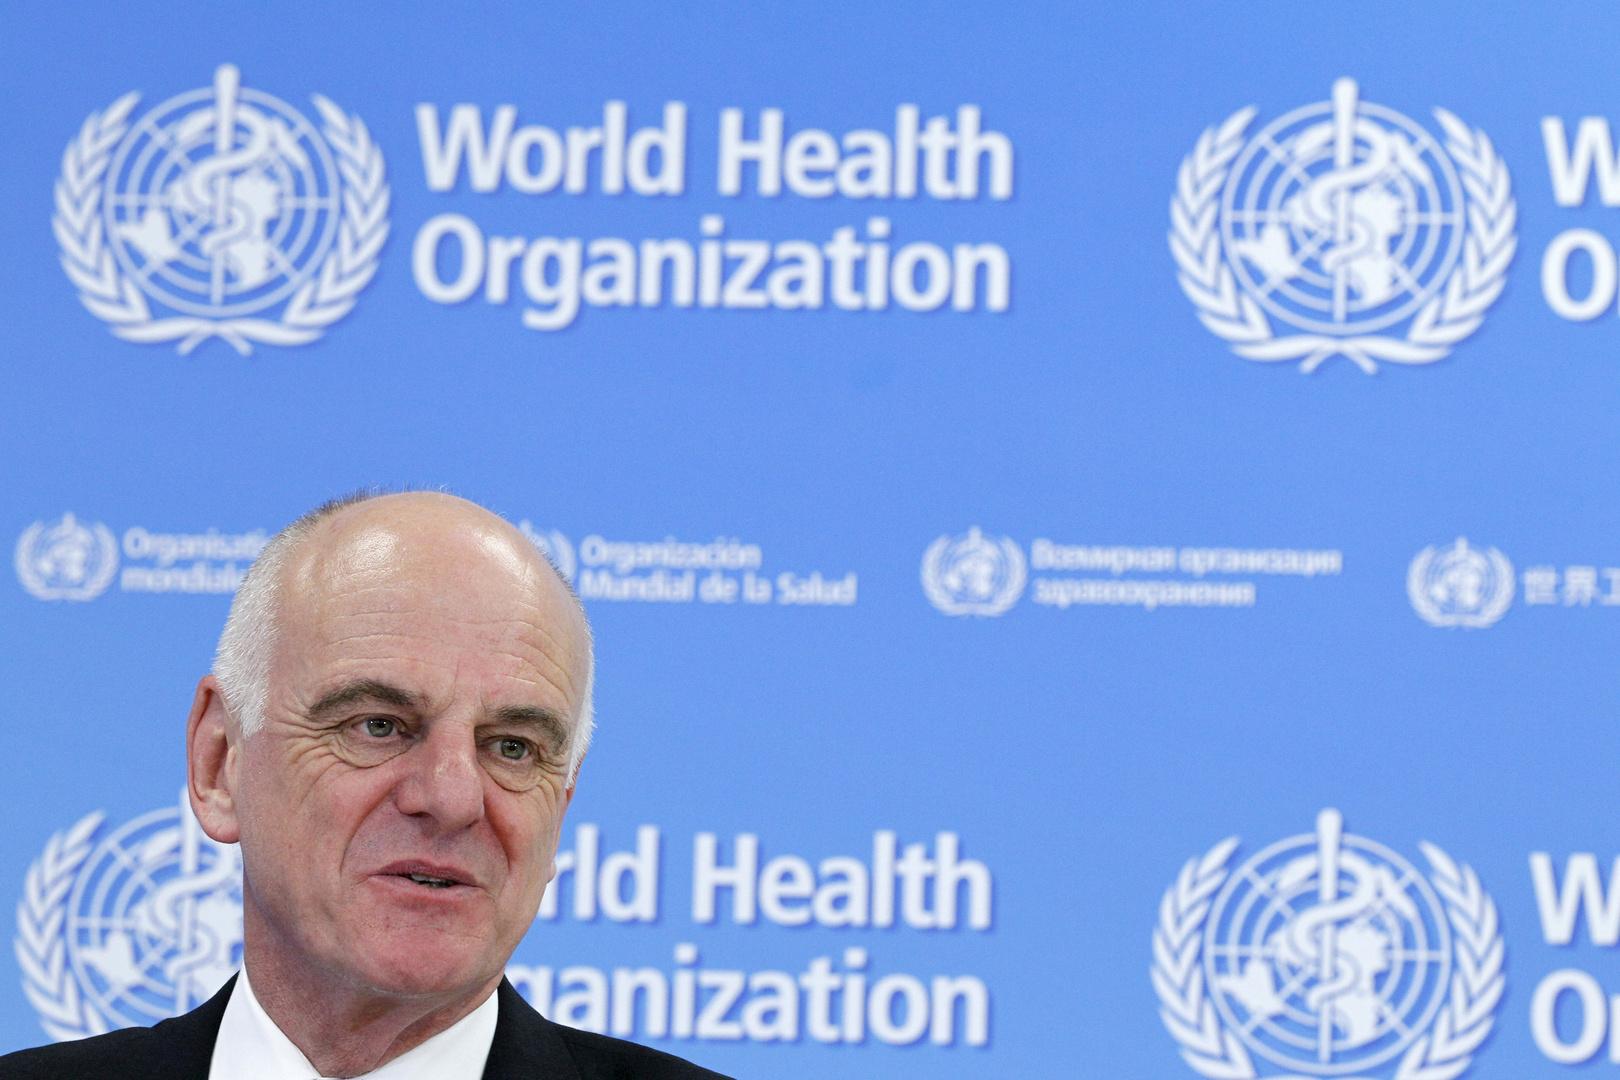 منظمة الصحة العالمية تحذر من موجة كورونا ثالثة في أوروبا بداية العام القادم